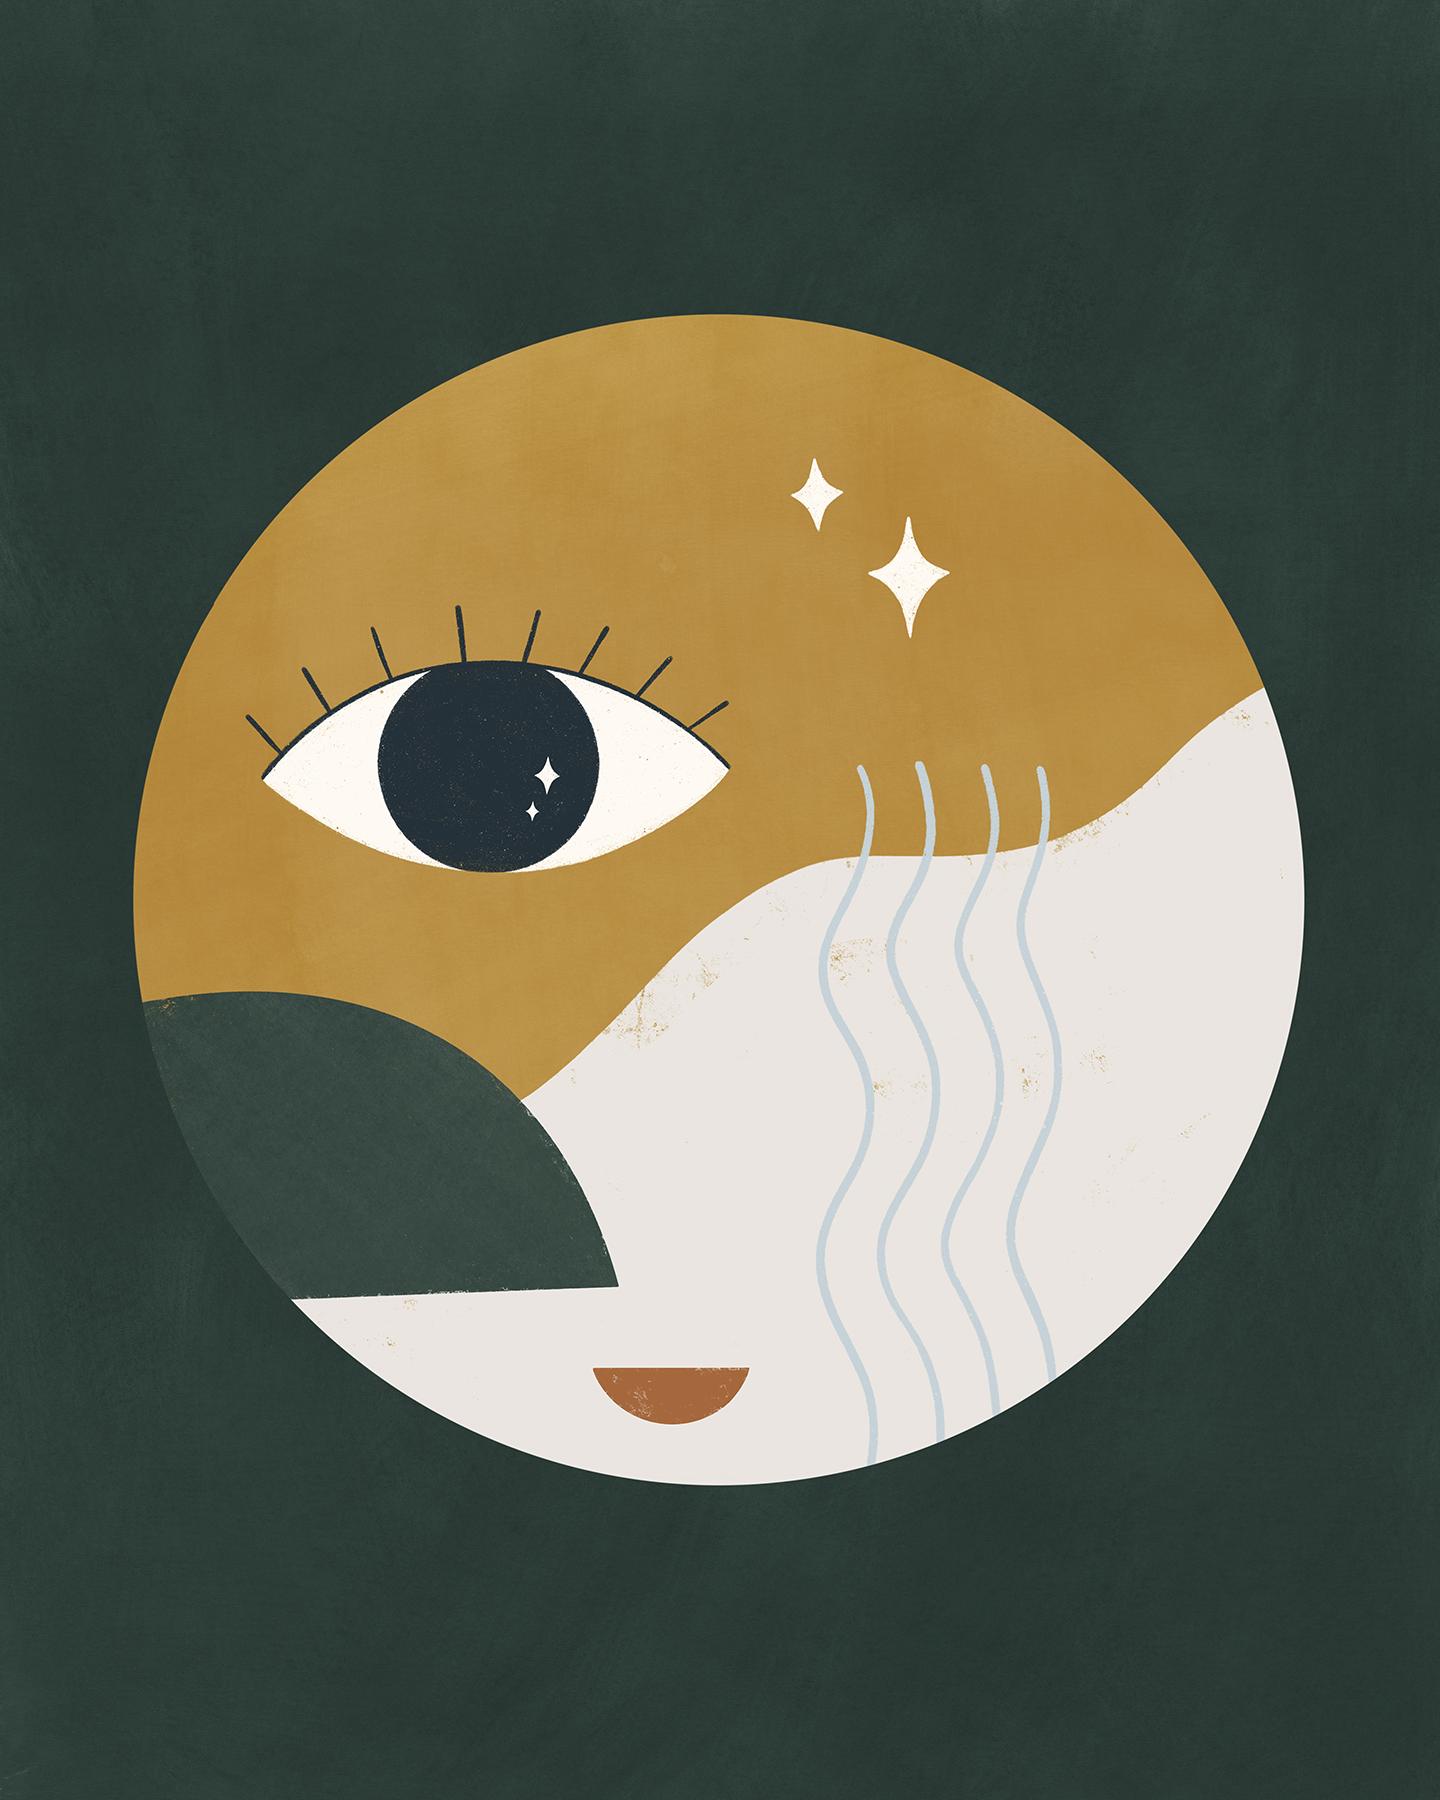 Artwork-Lynx_BG-large@3x.png